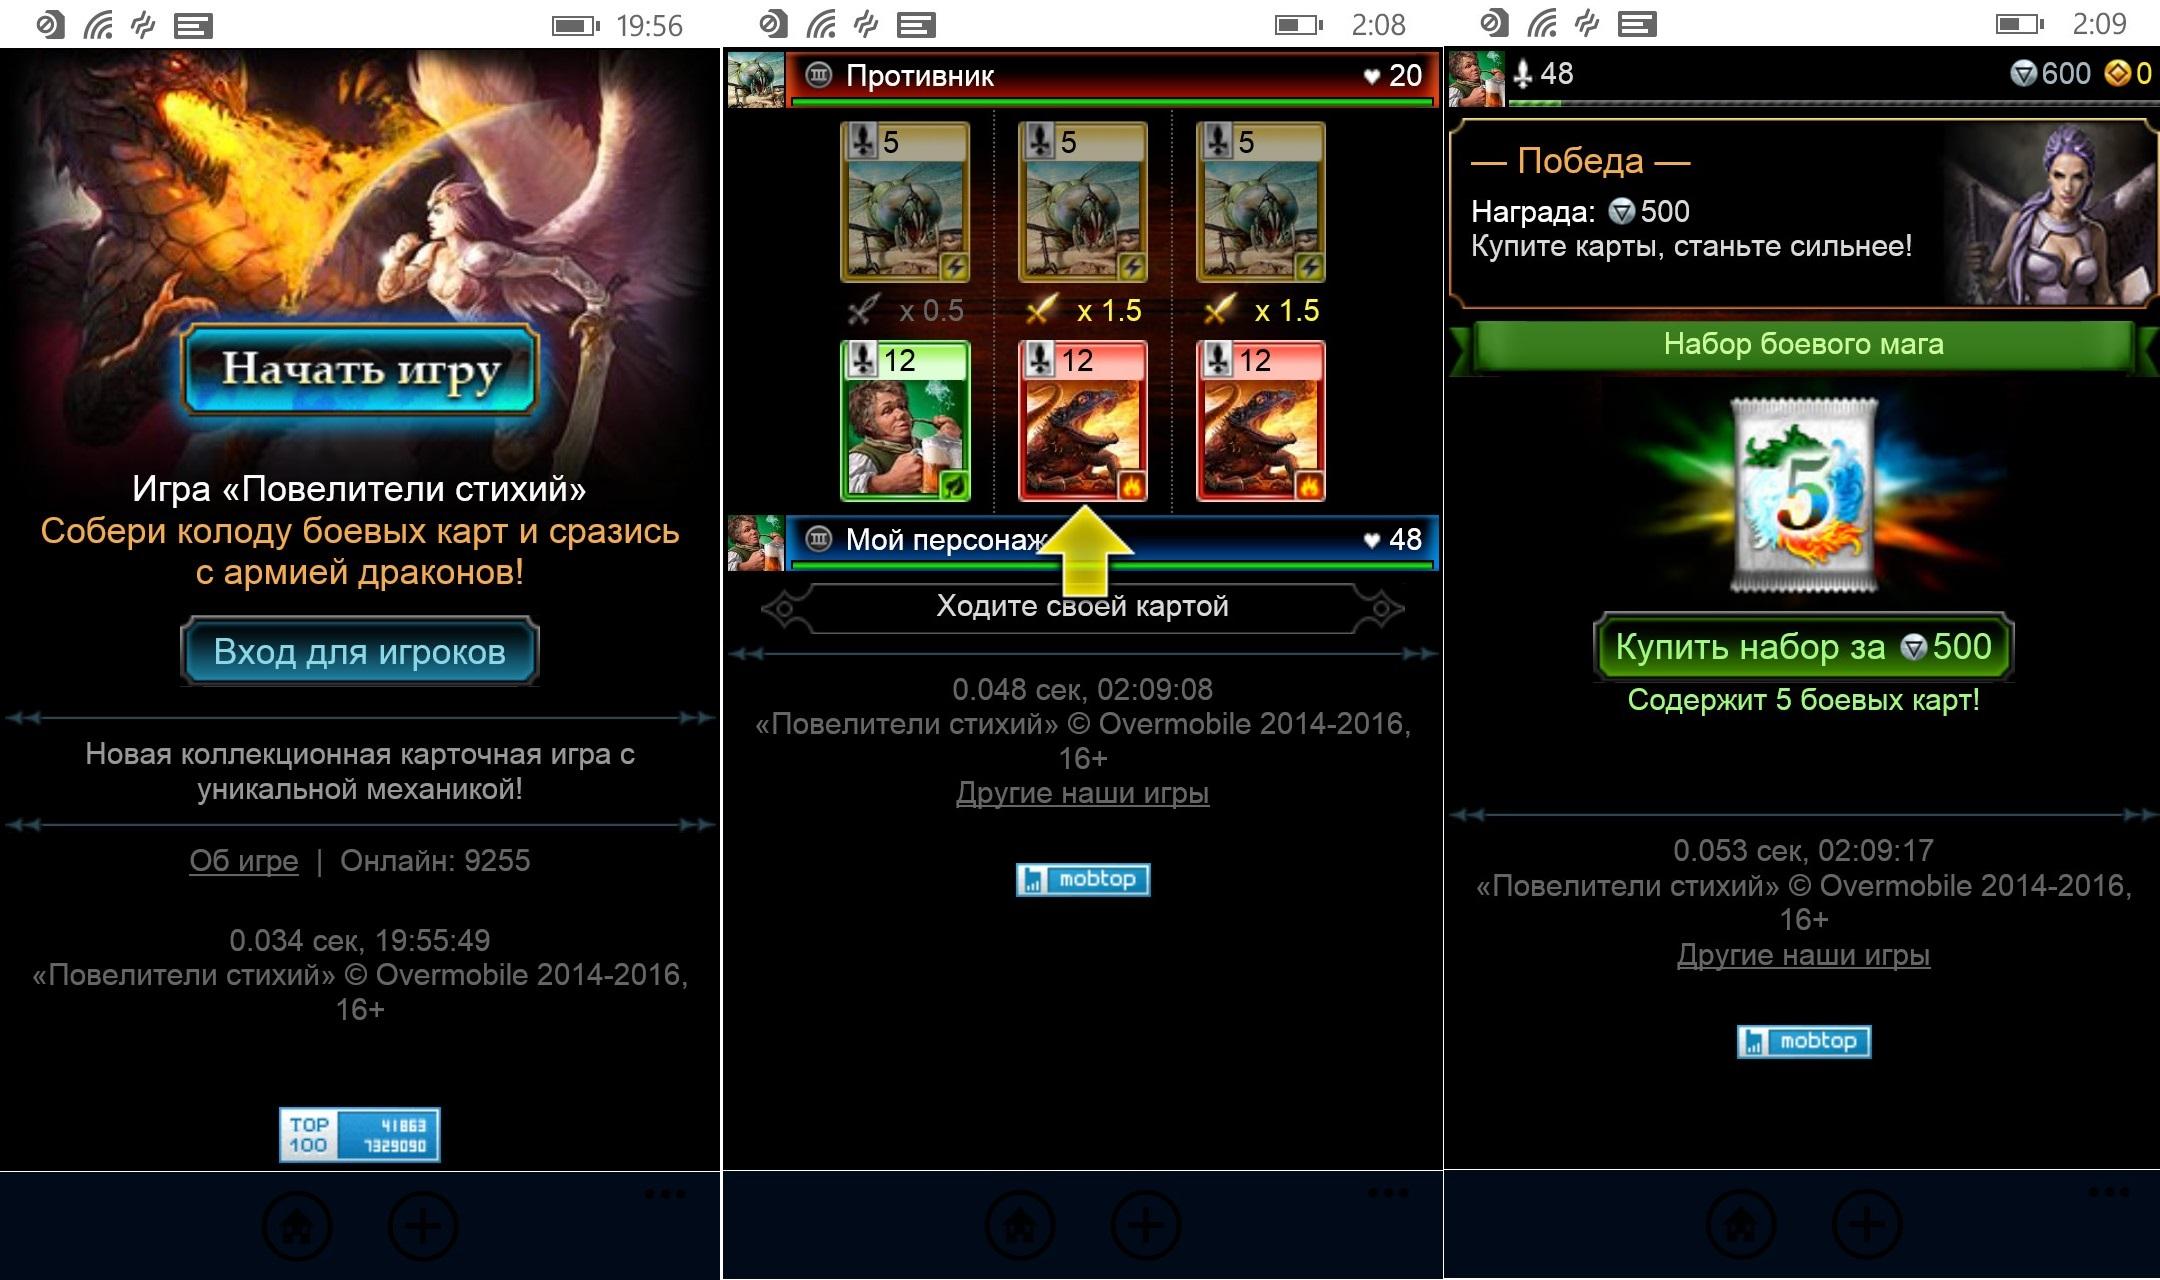 Игра в автоматы sharky online